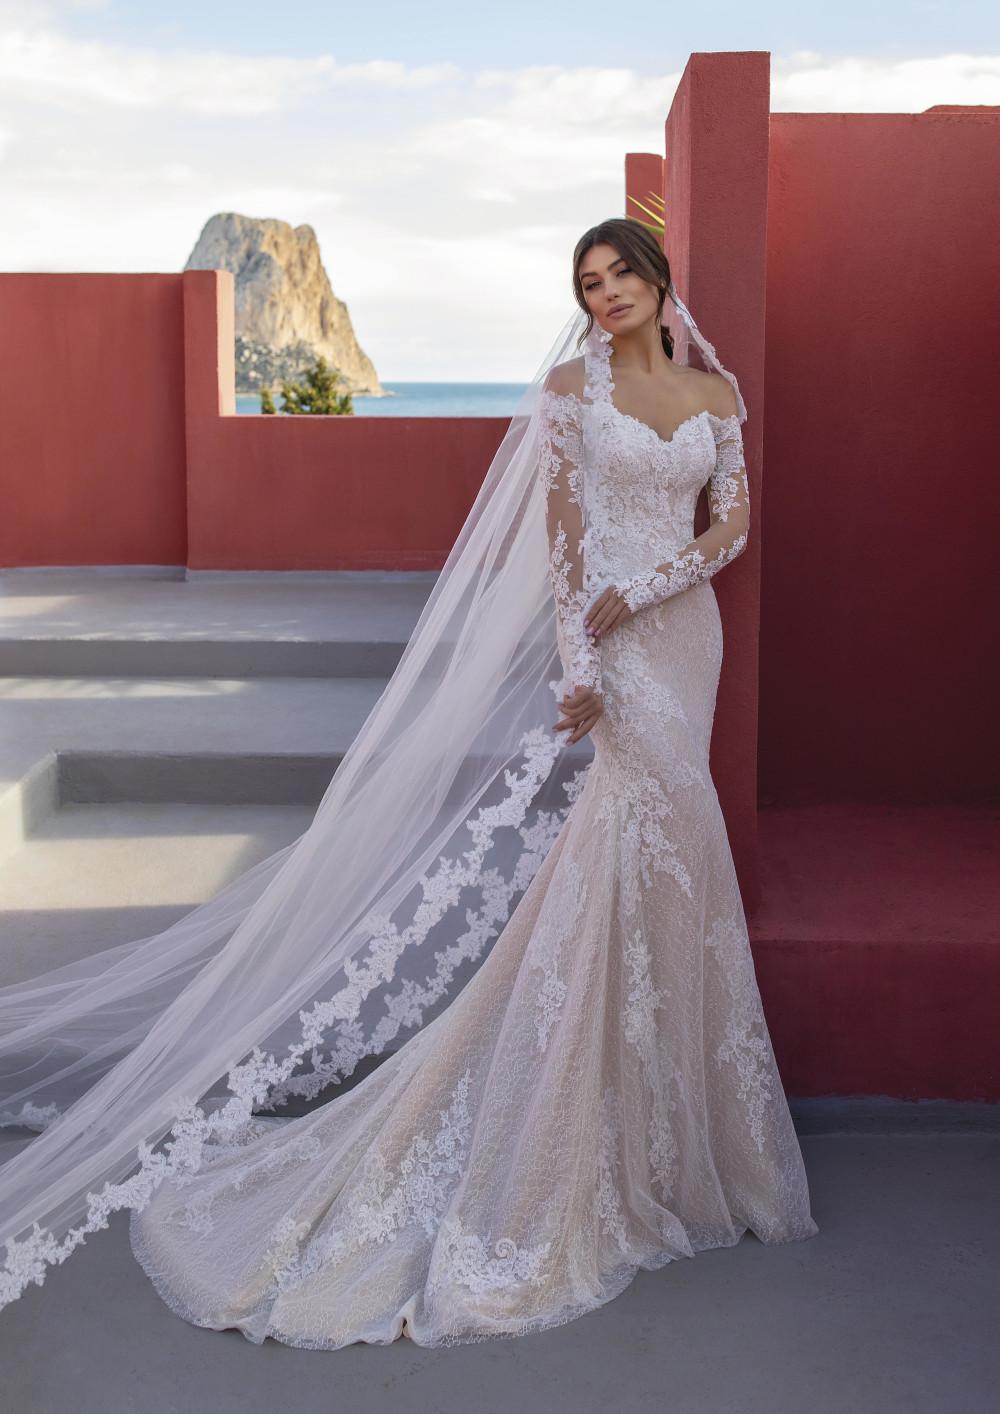 Hochzeitskleid und lange Schleppe mit Spitze – gesehen bei frauimmer-herrewig.de